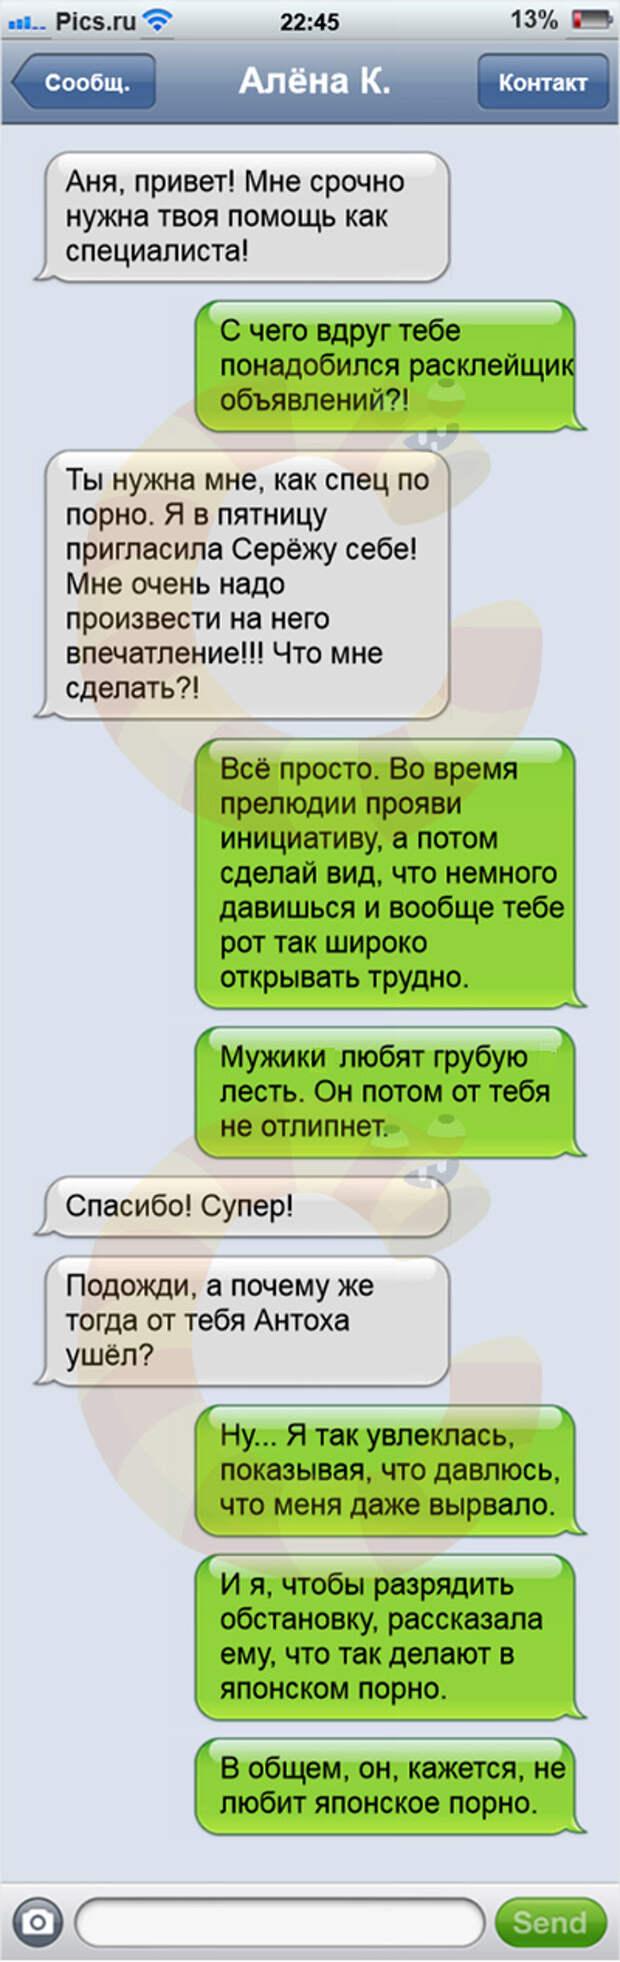 smsdec10